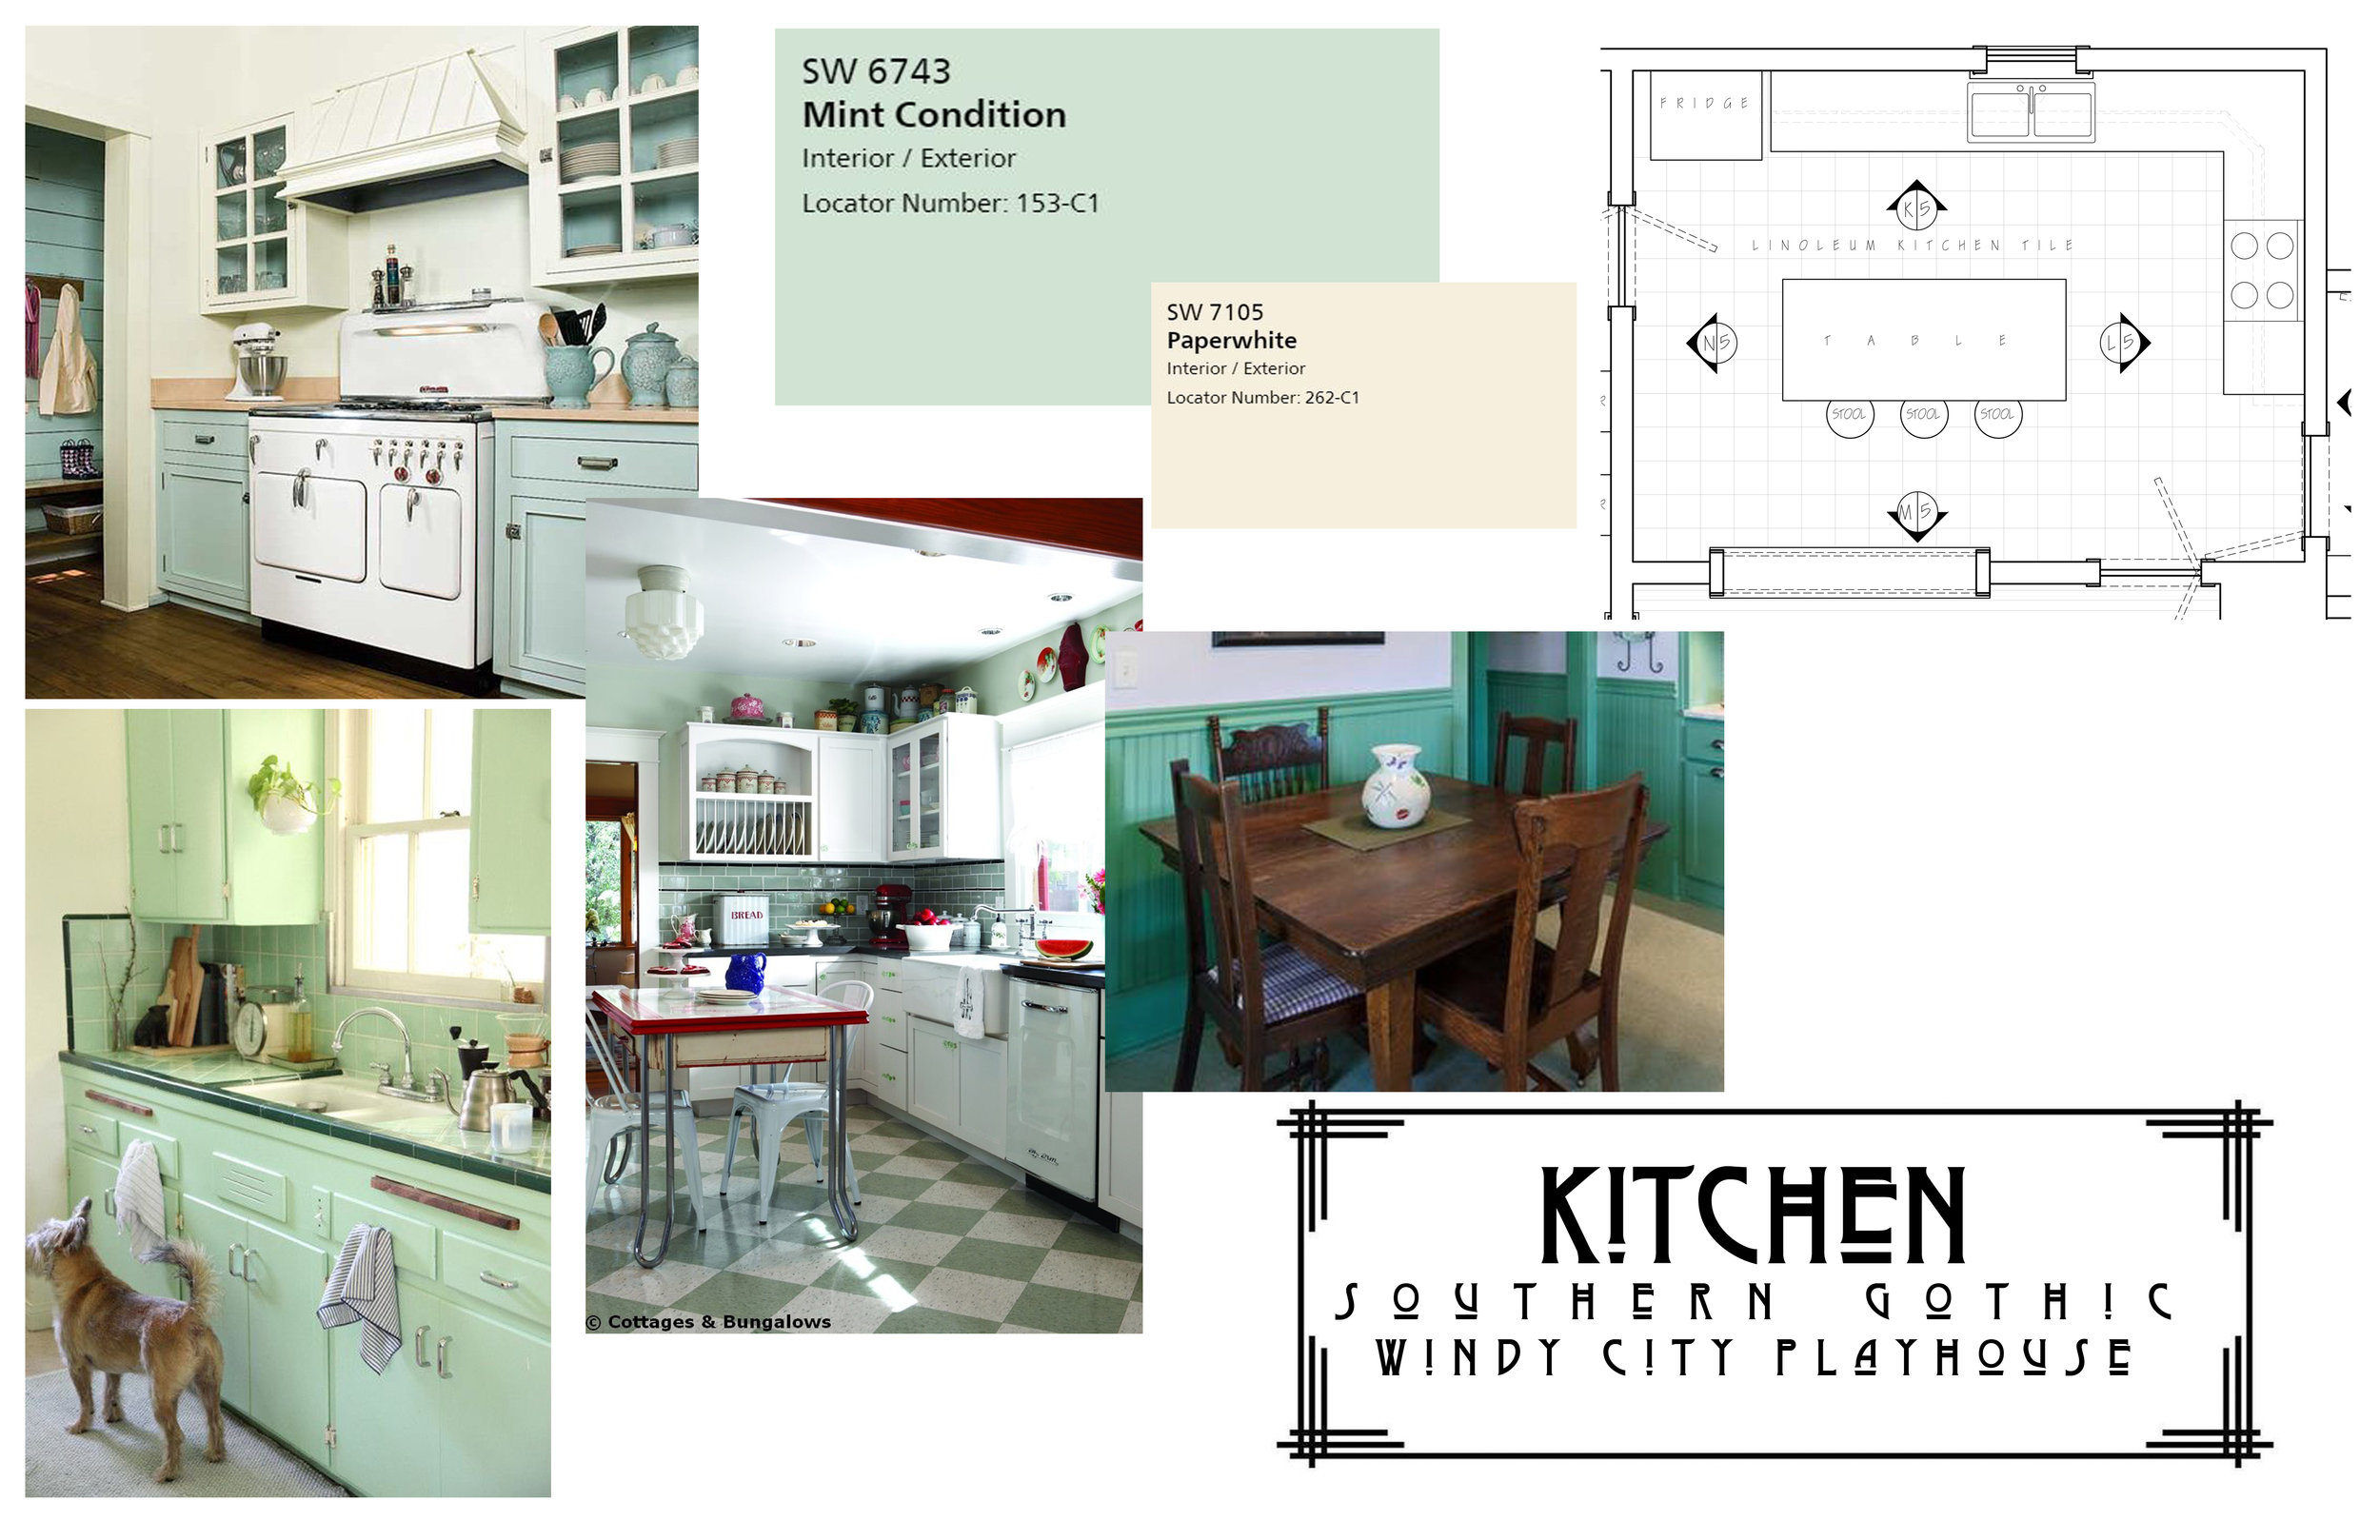 Kitchen SG copy.jpg